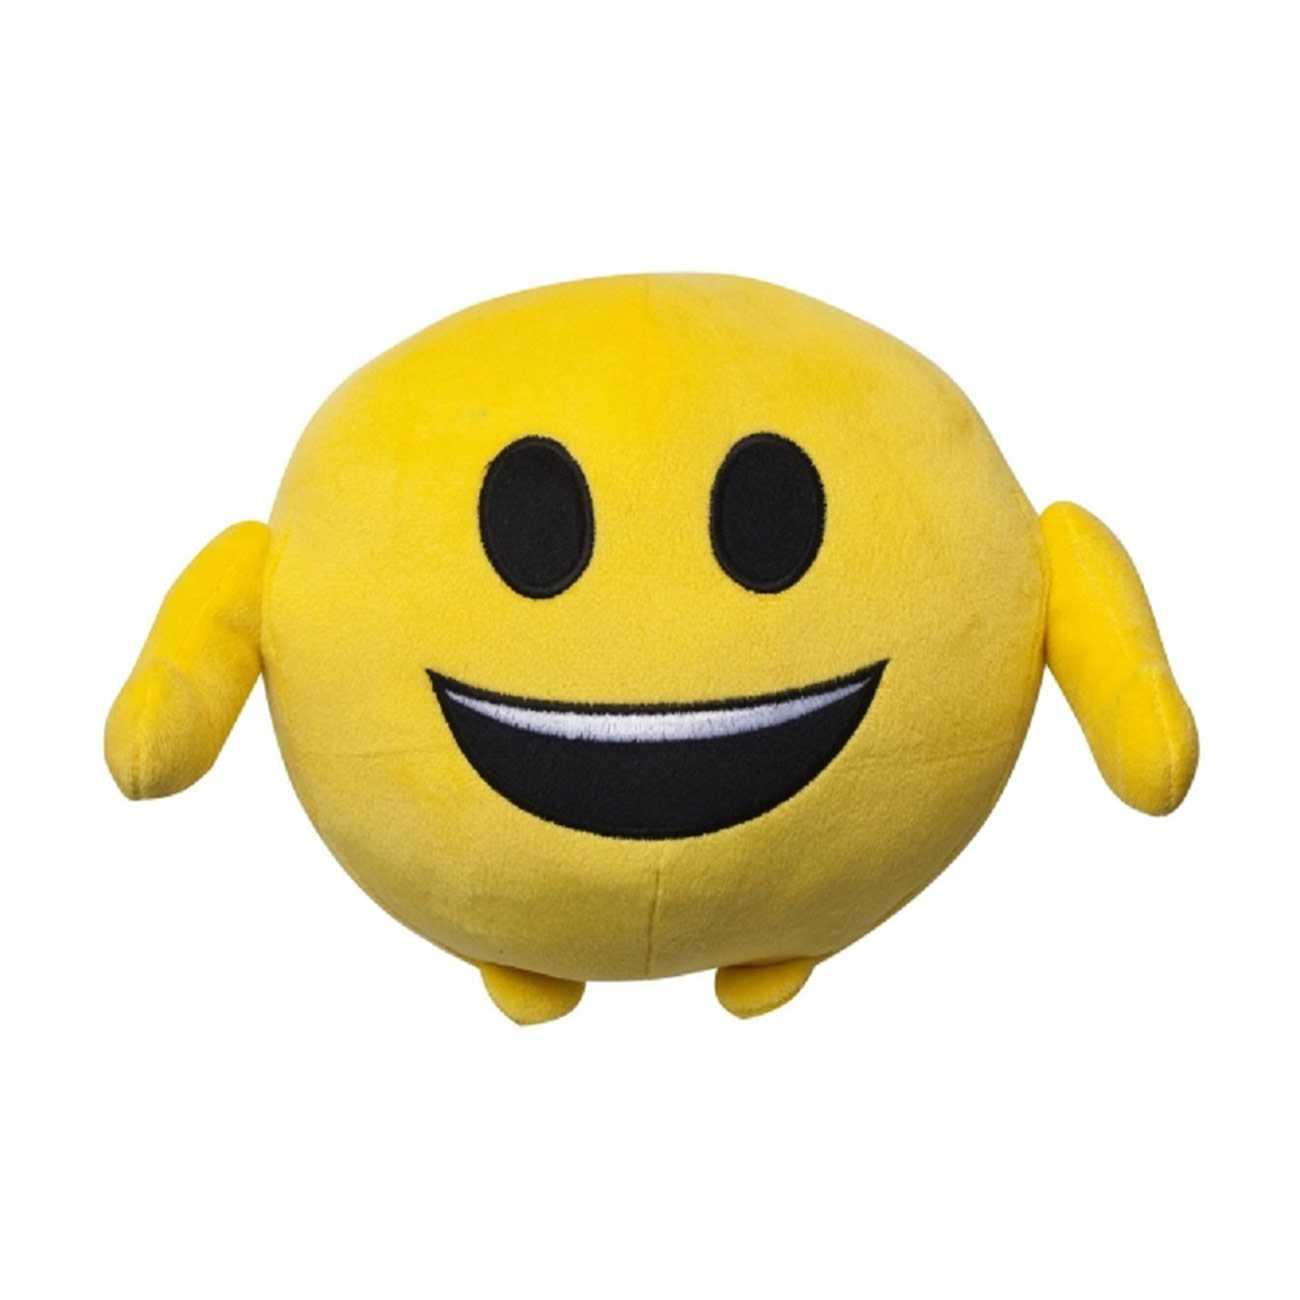 EMOJI HAPPY FACE